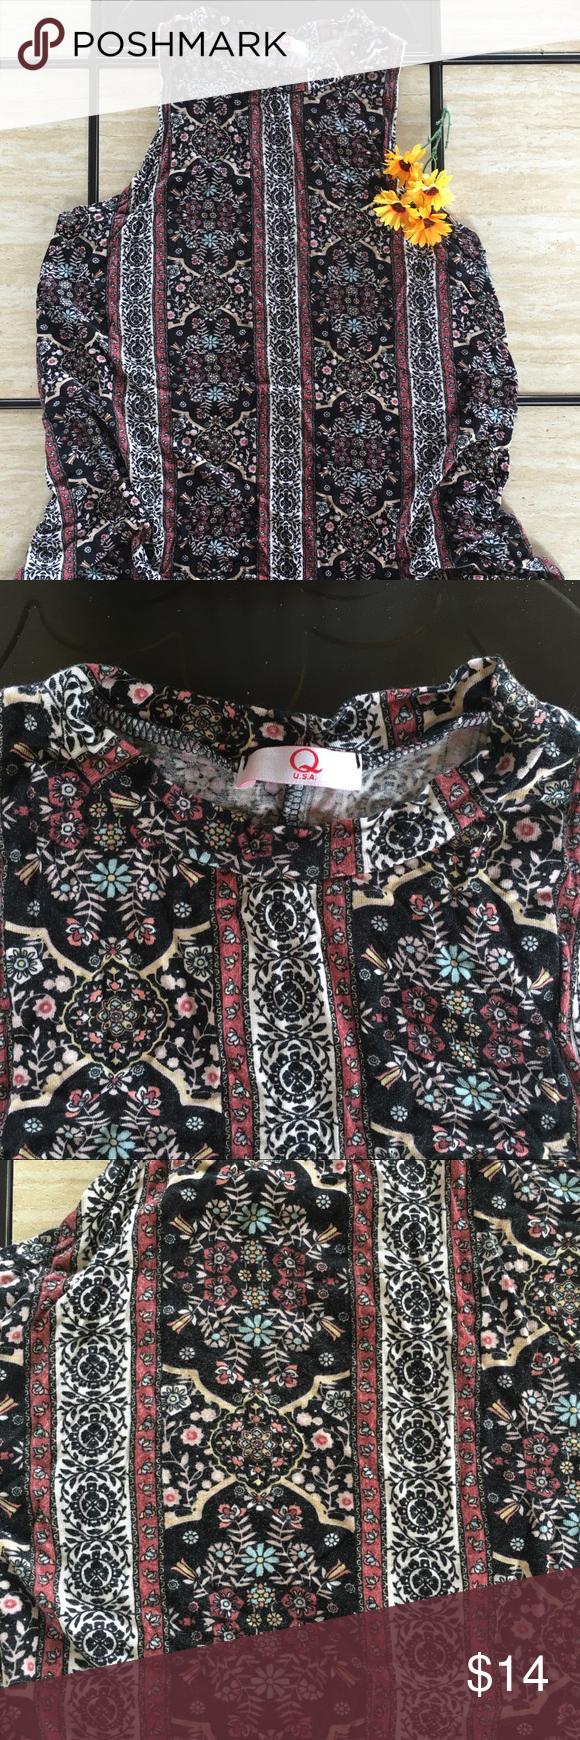 Fashion Q printed floral swing dress